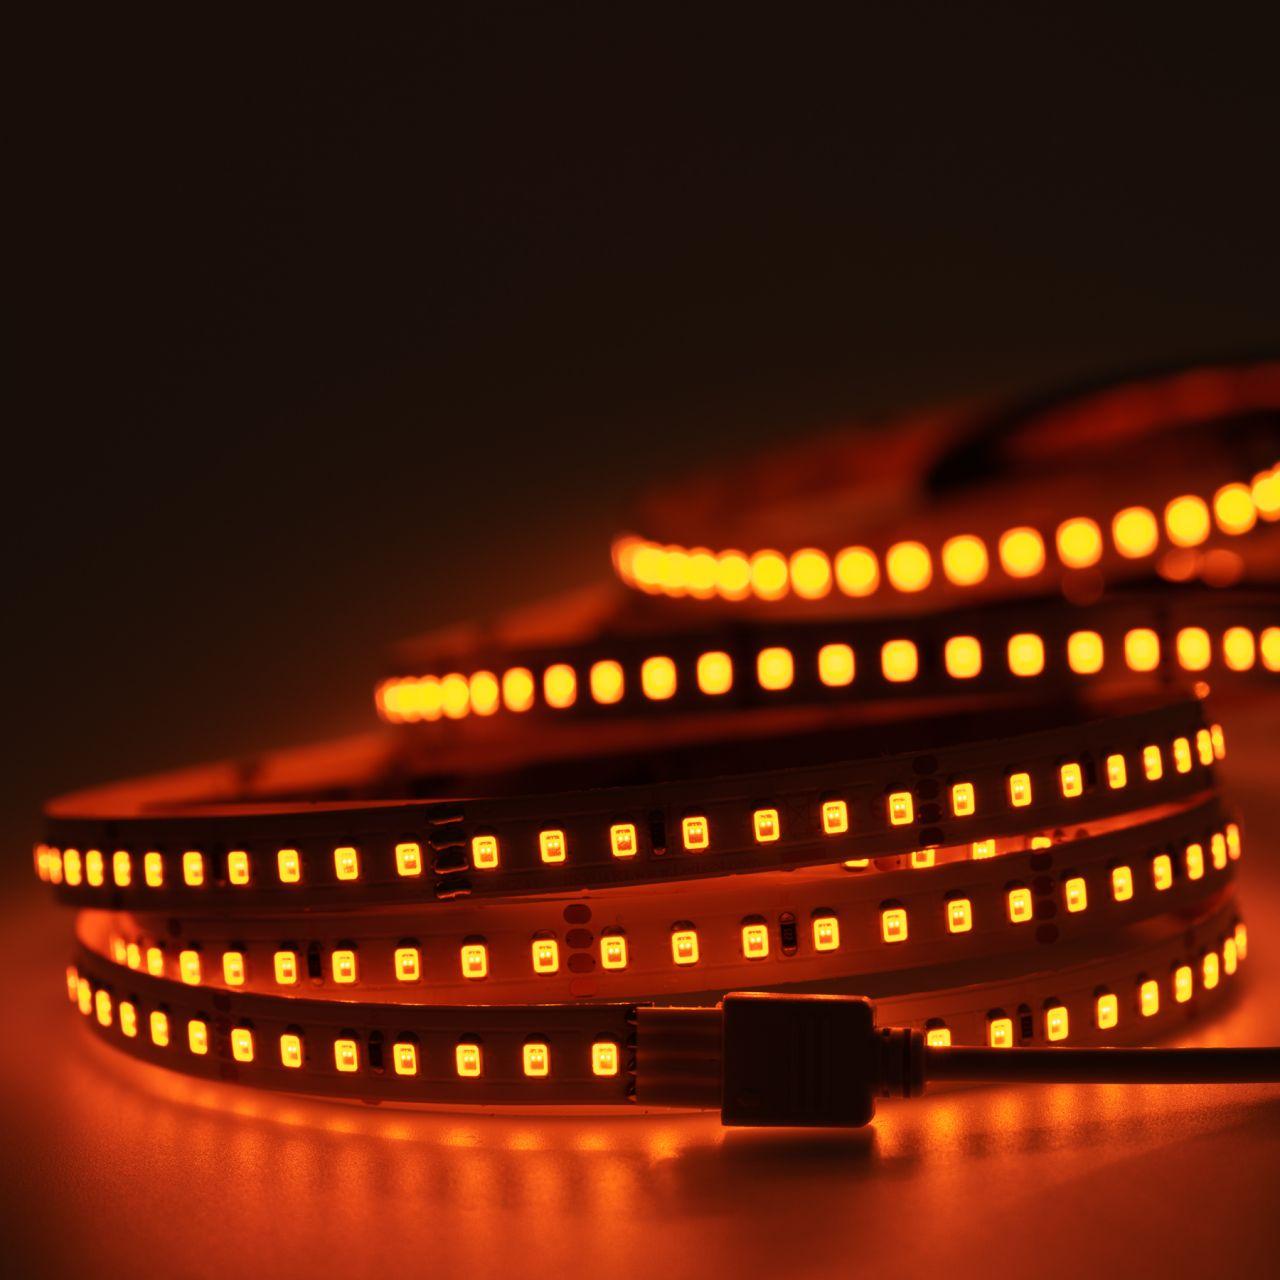 24V LED Streifen – gelb-orange – 140 LEDs je Meter – alle 5cm teilbar